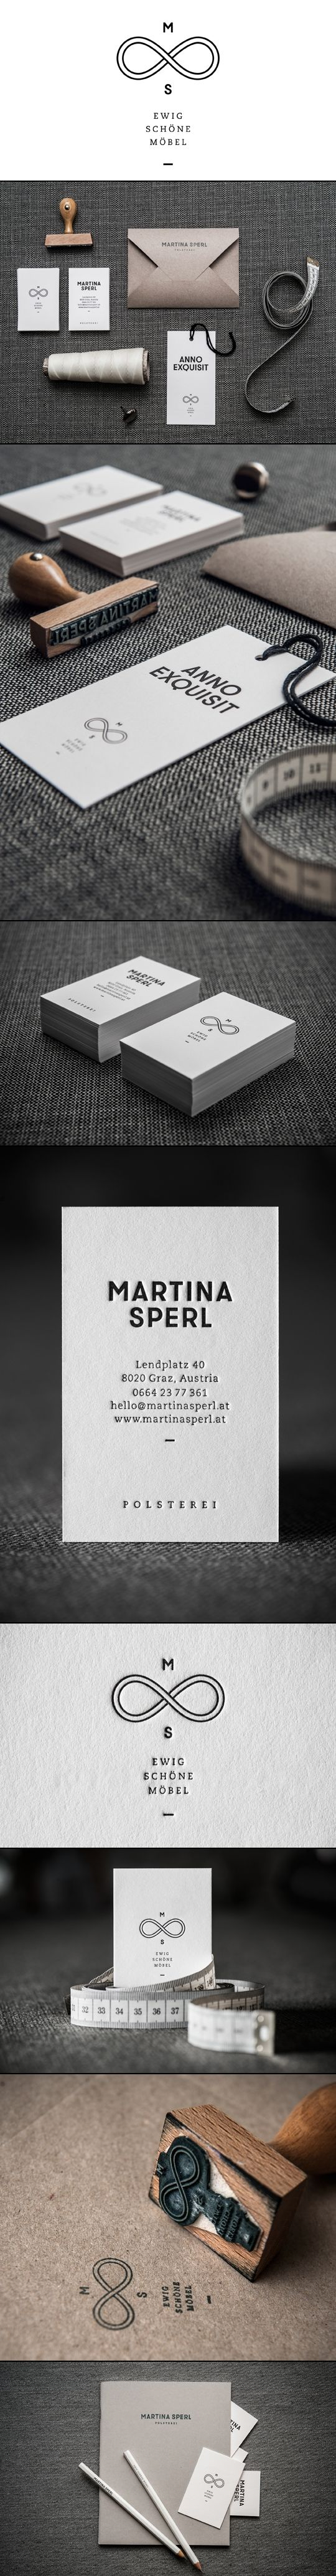 Martina Sperl /